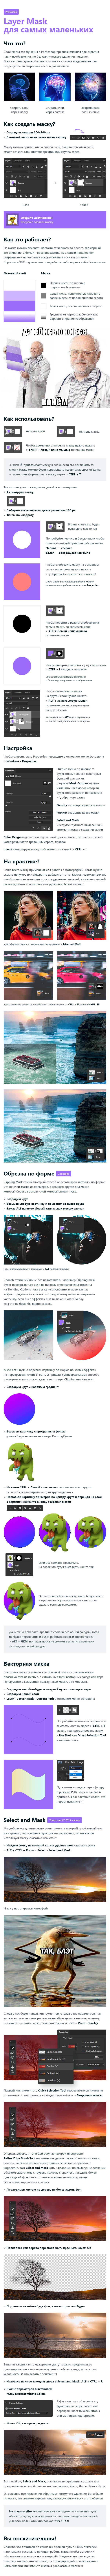 Layer Mask в Photoshop для самых маленьких Layer Mask, Маска в фотошоп, Photoshop, Длиннопост, RayanTvin